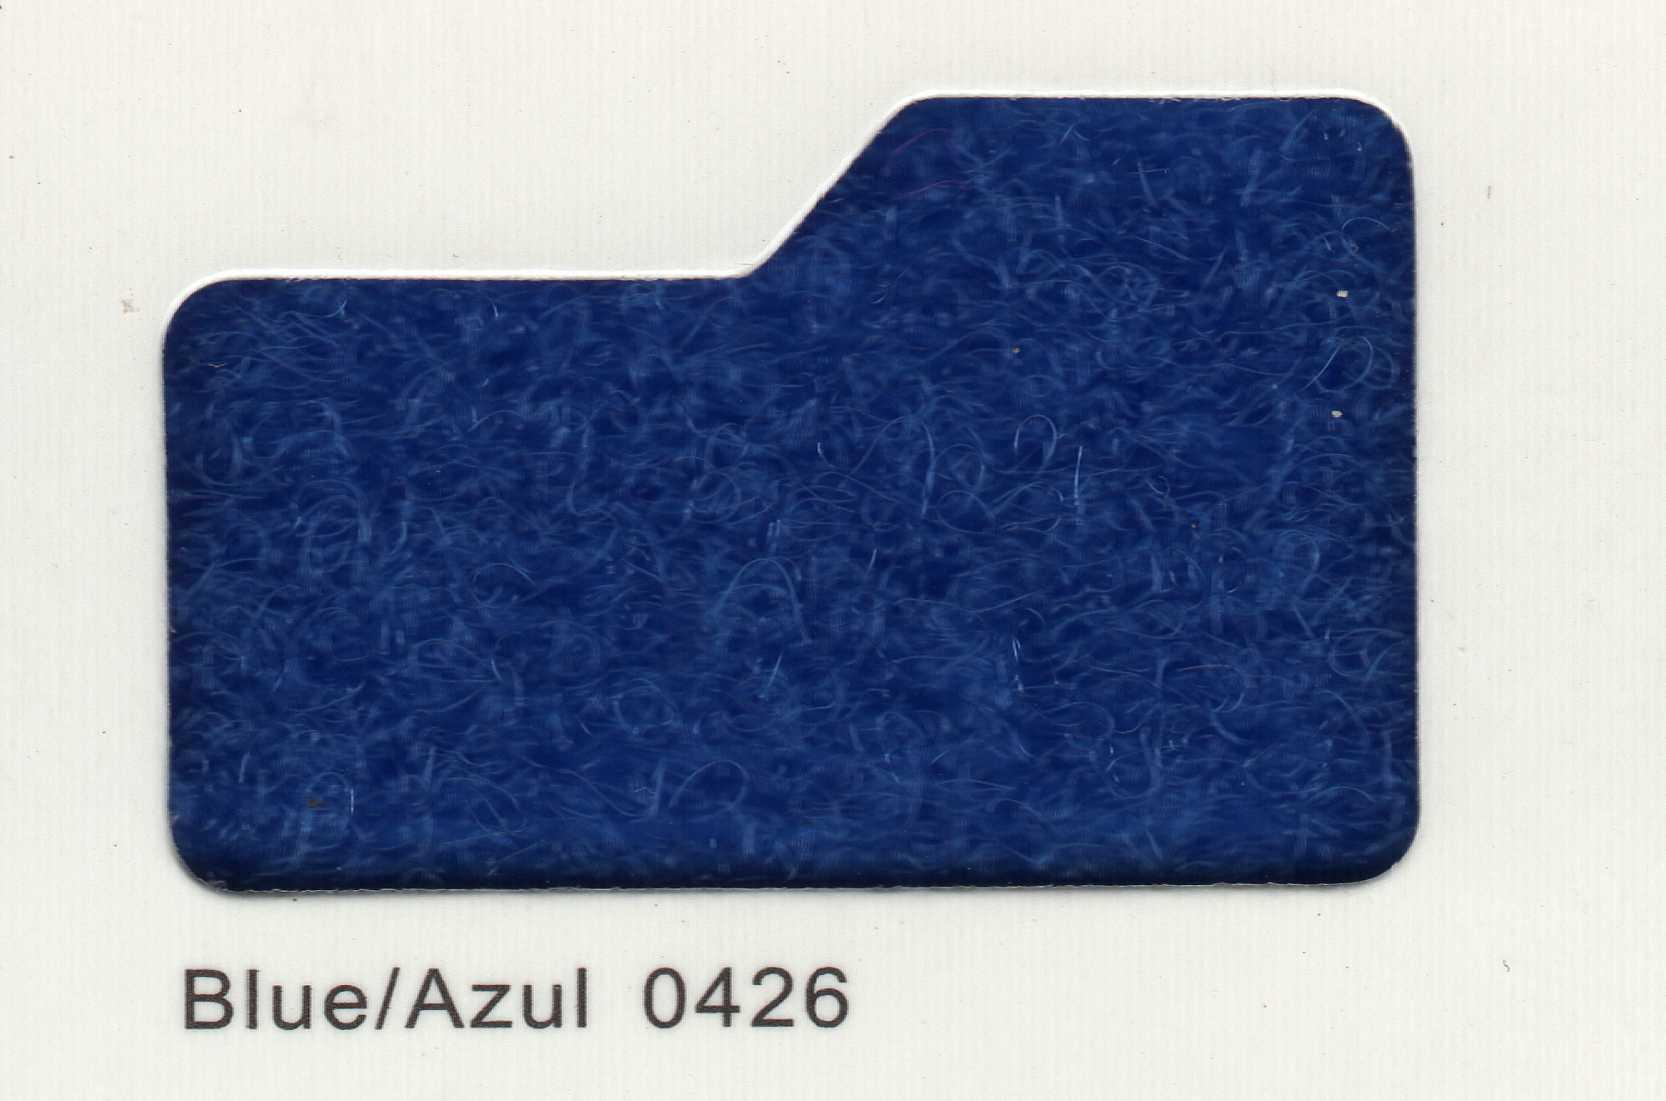 Cinta de cierre Velcro-Veraco 25mm Azul 0426 (Rizo).